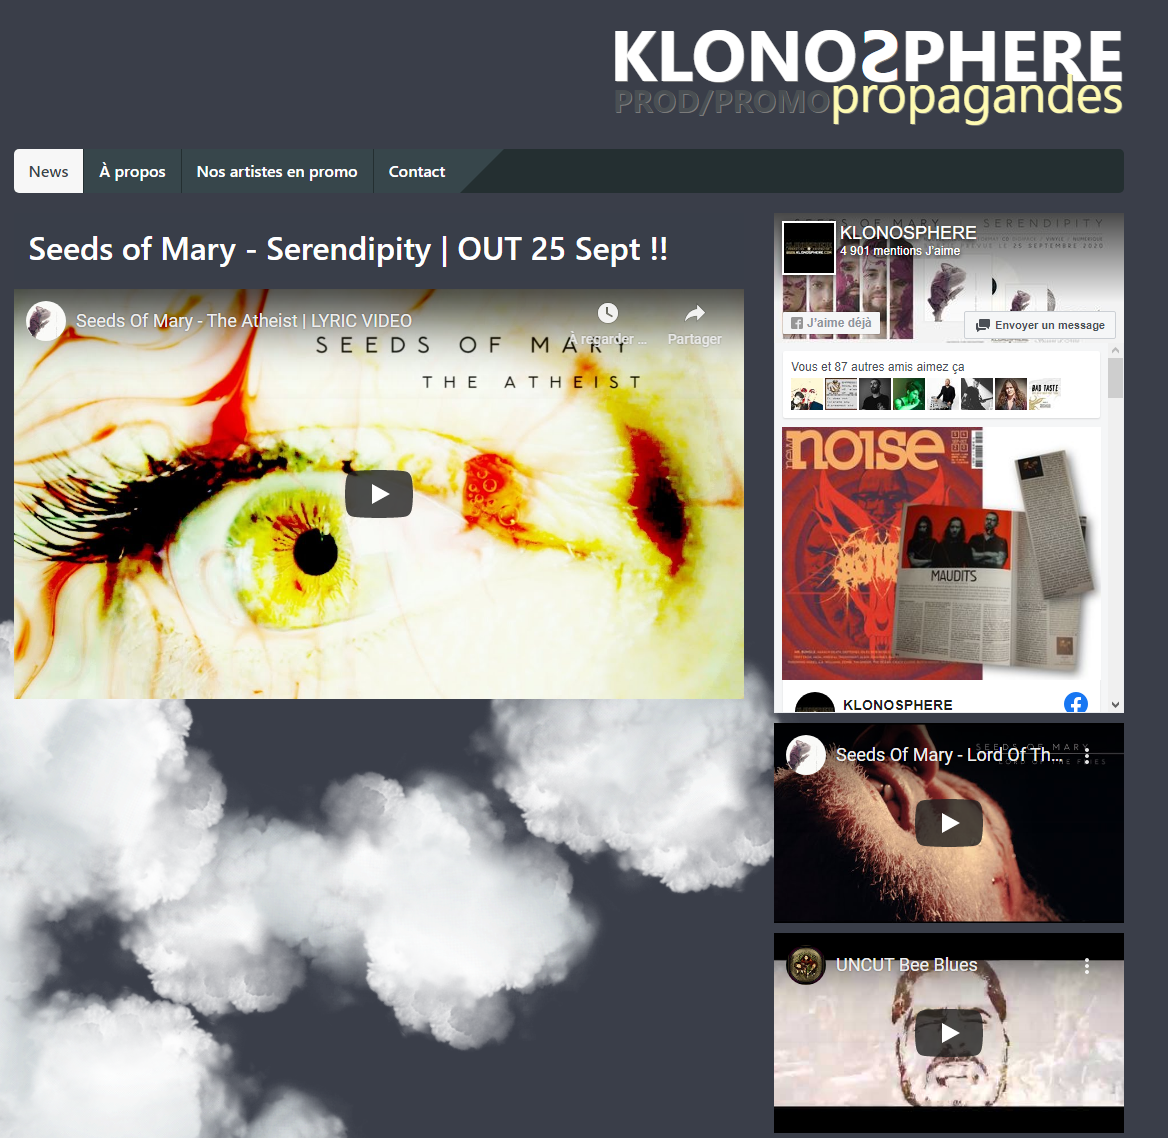 KLONOSPHERE